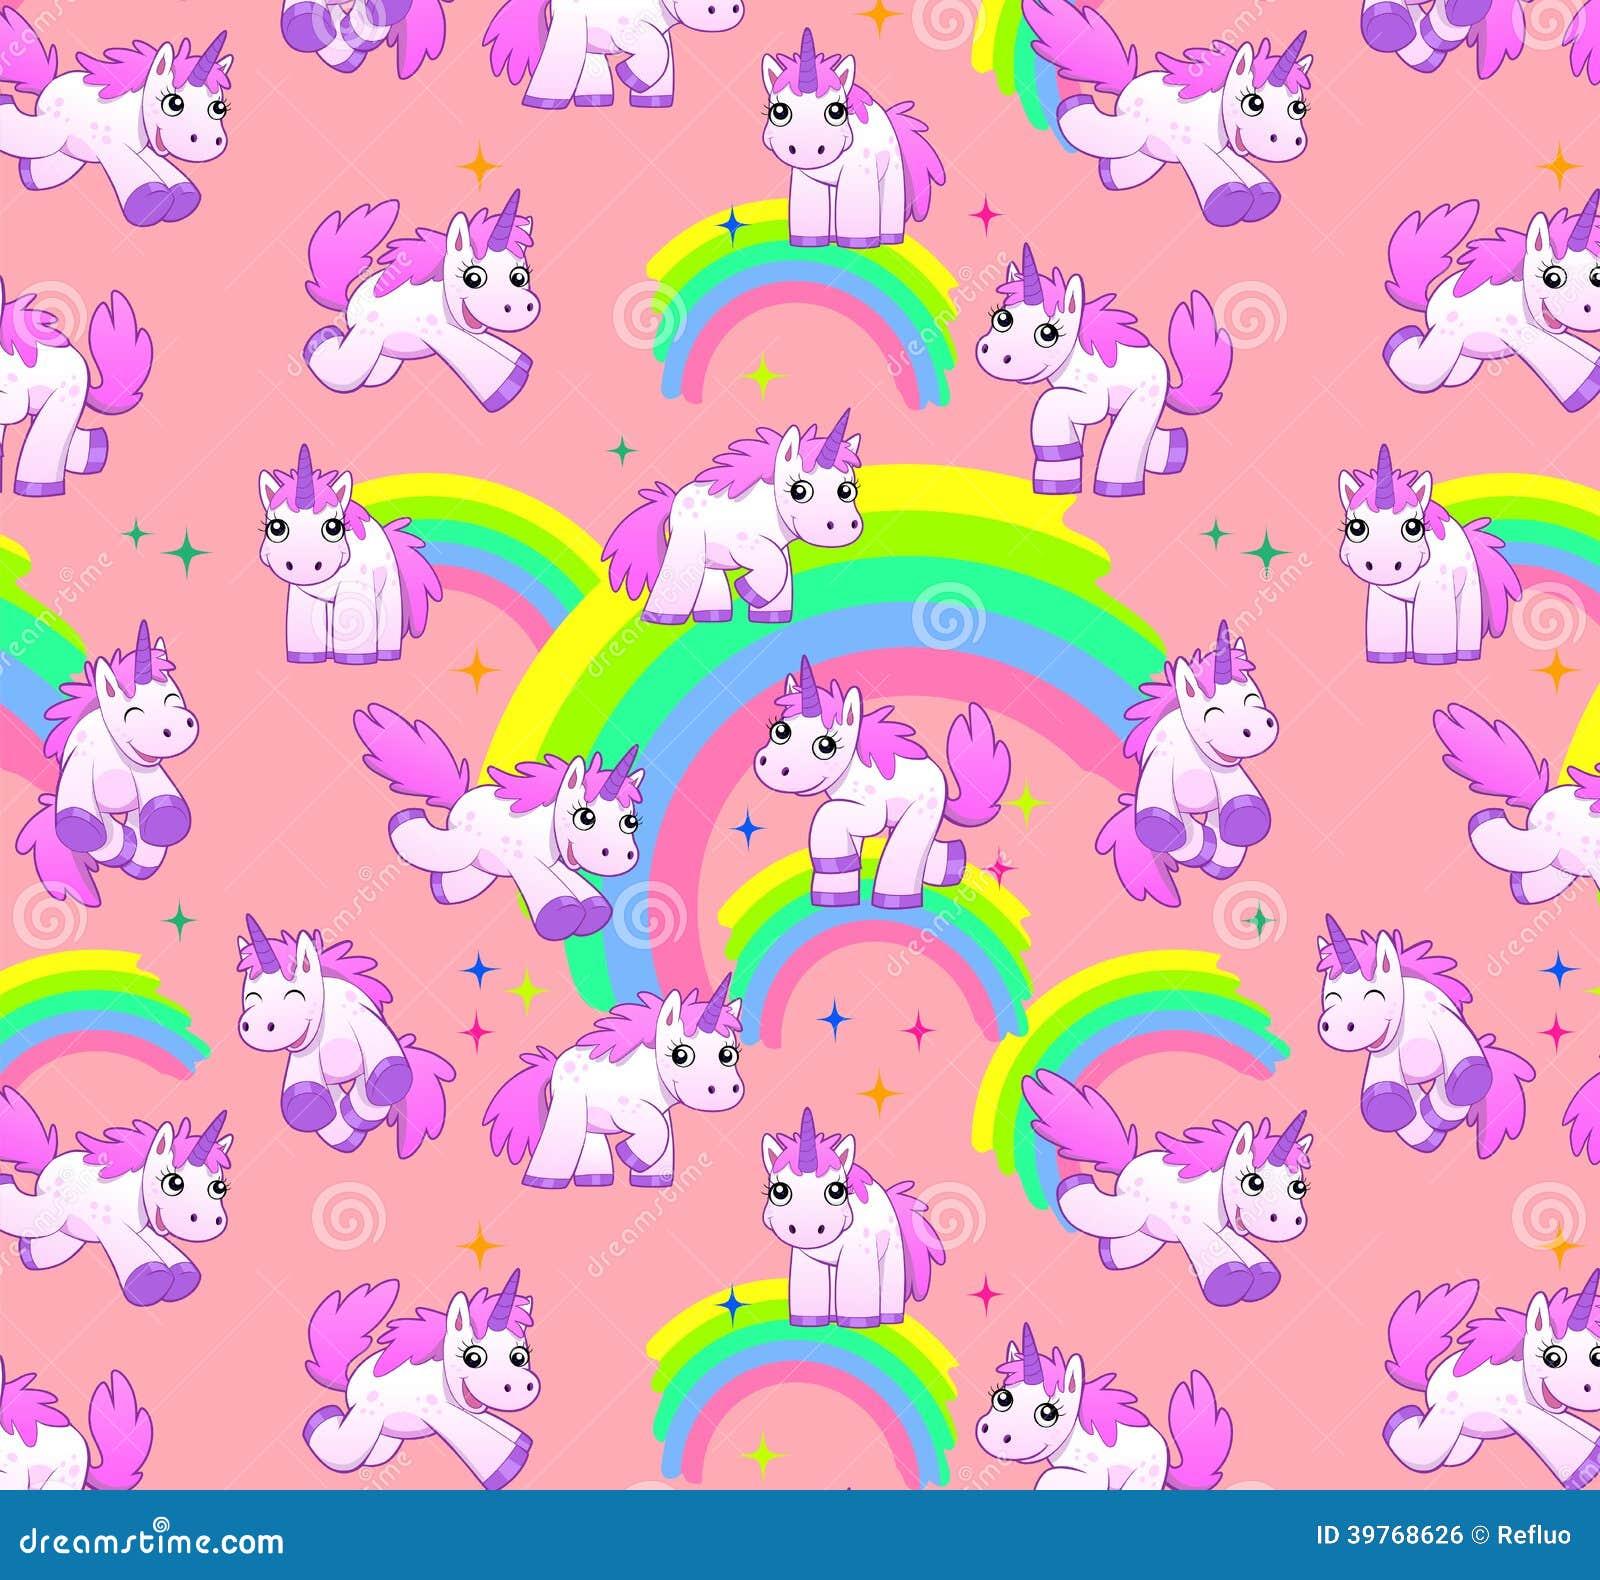 Unicorn pattern pink Unicorn Background